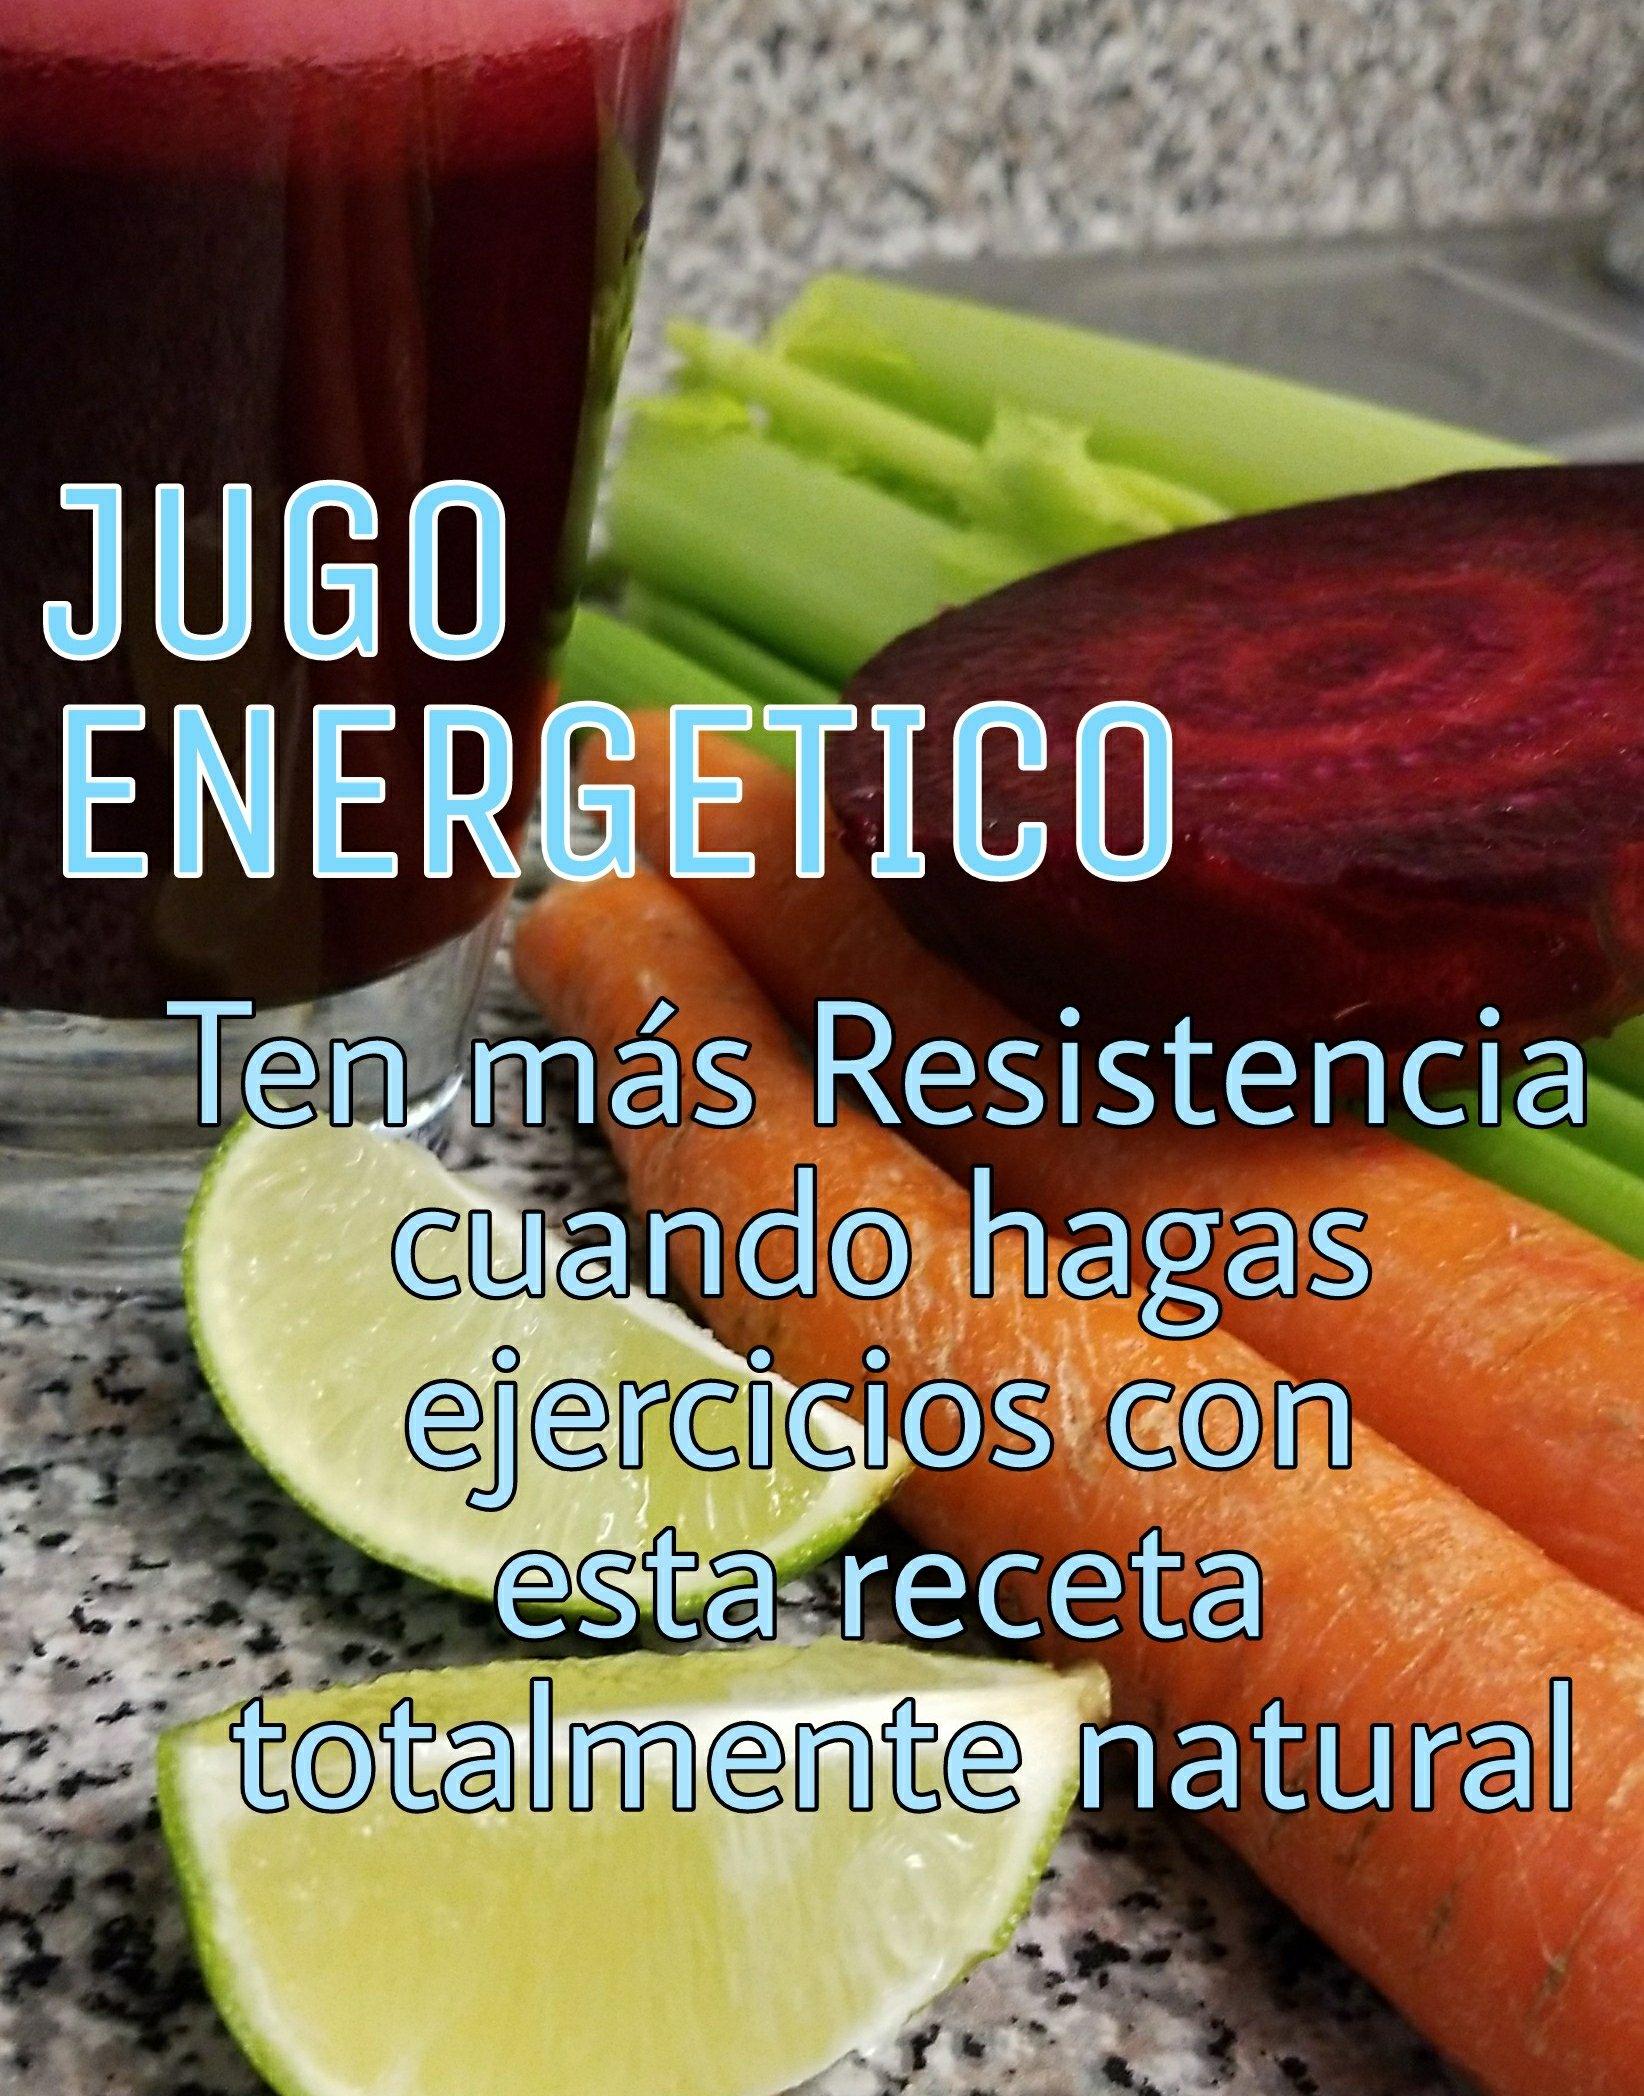 JUGO ENERGÉTICO-RECETA